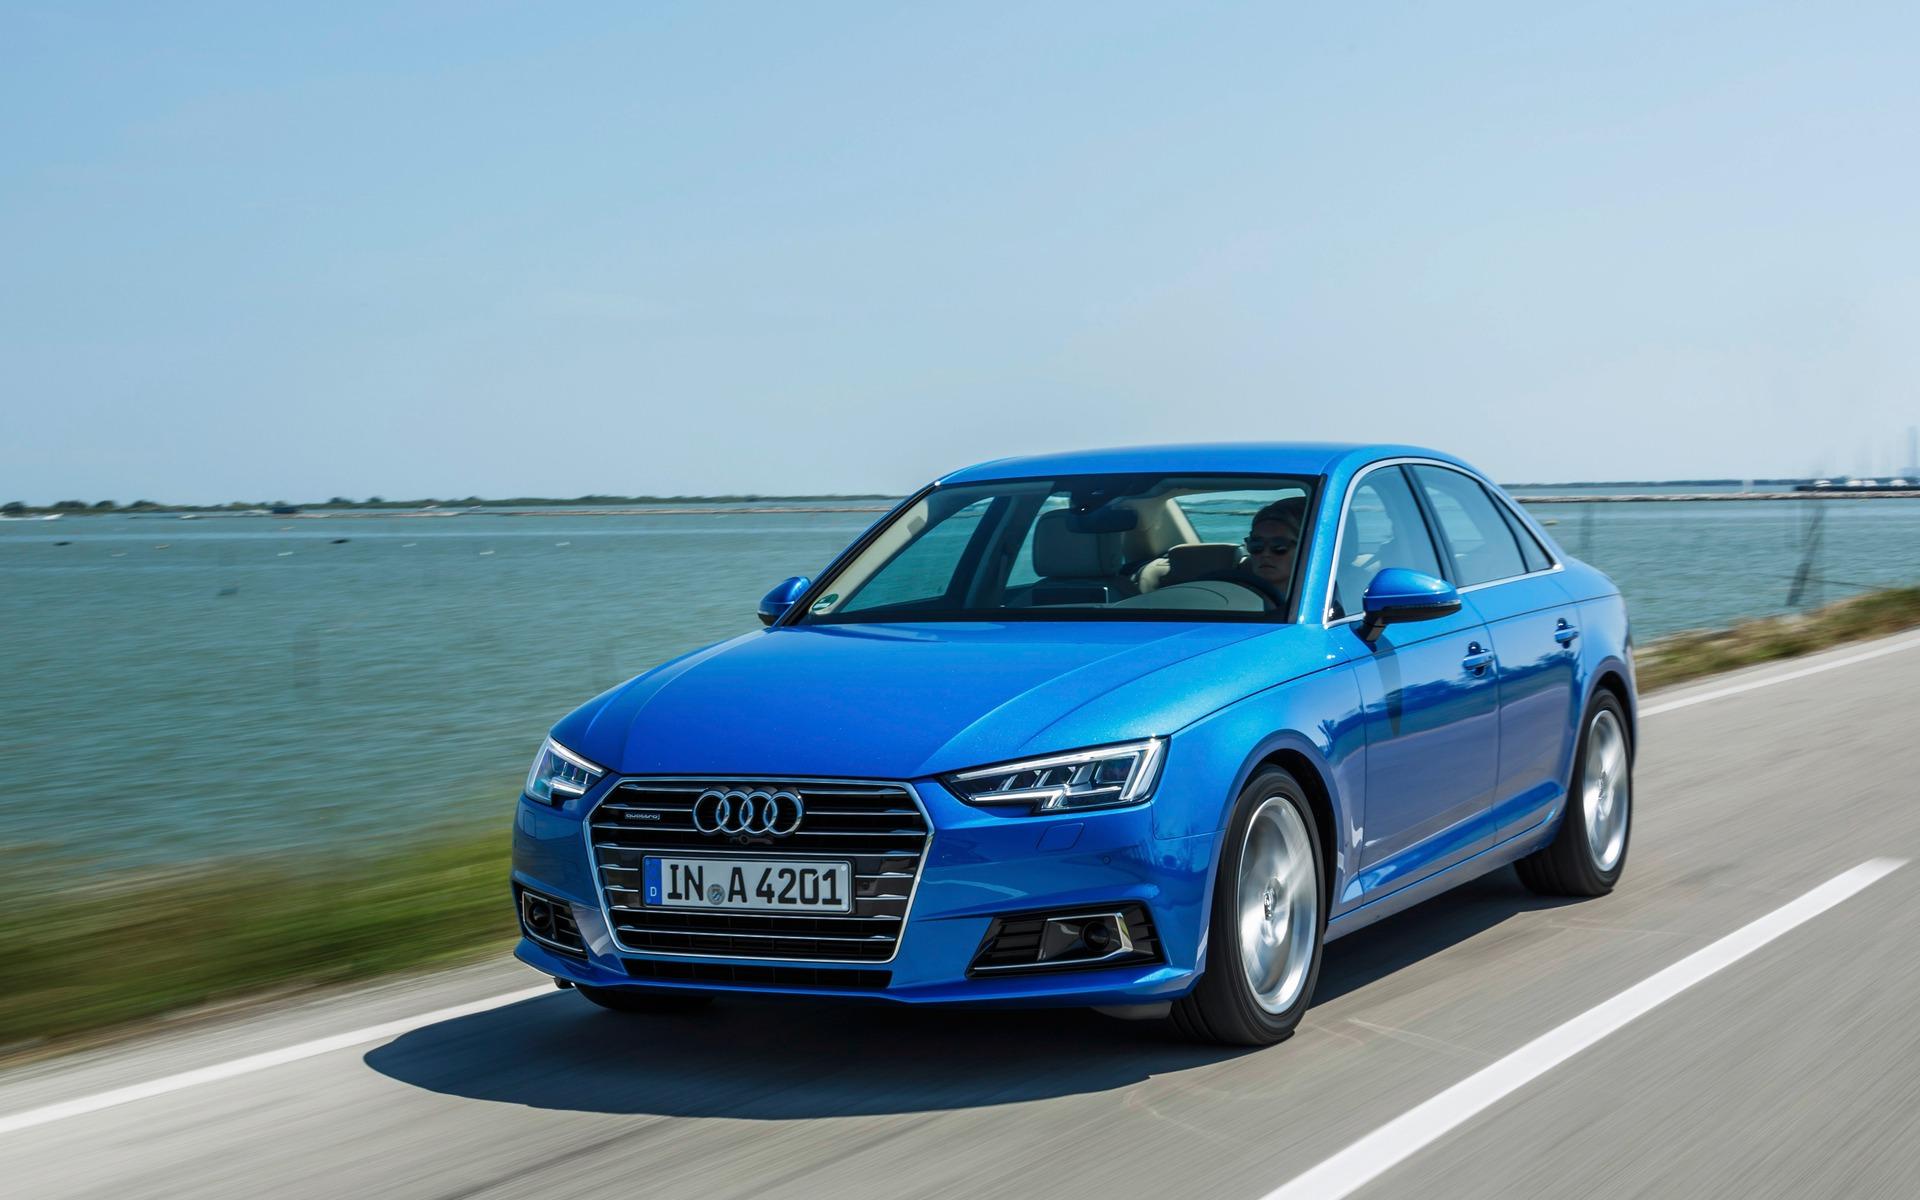 Kelebihan Kekurangan Audi A4 2017 Spesifikasi